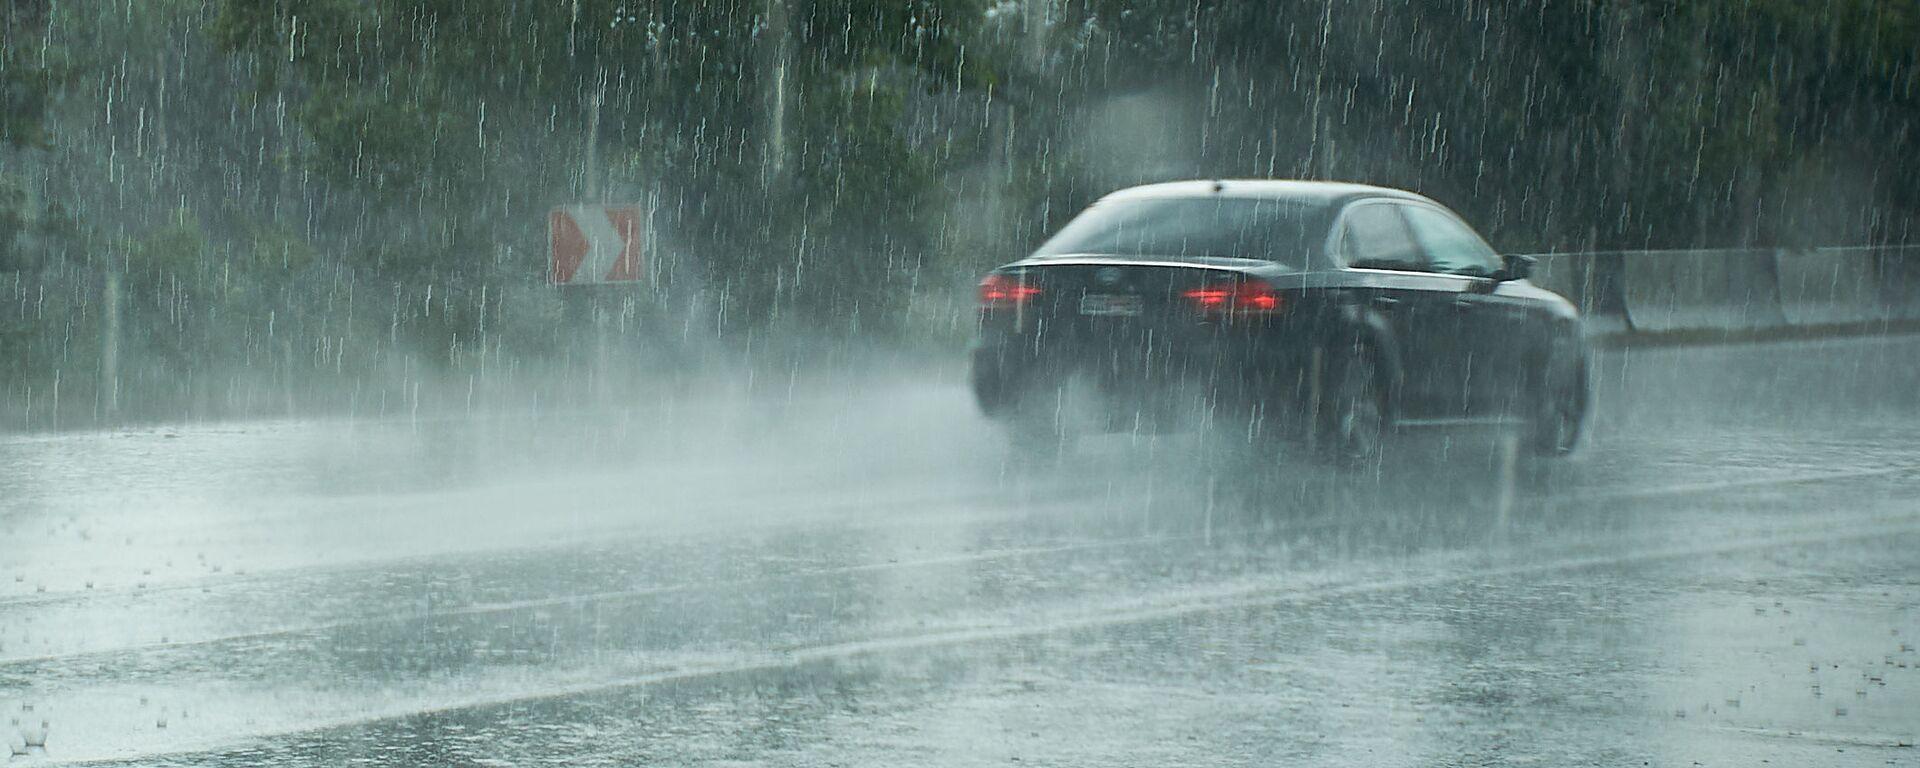 Машина едет по трассе в сильный дождь - Sputnik Грузия, 1920, 04.06.2021